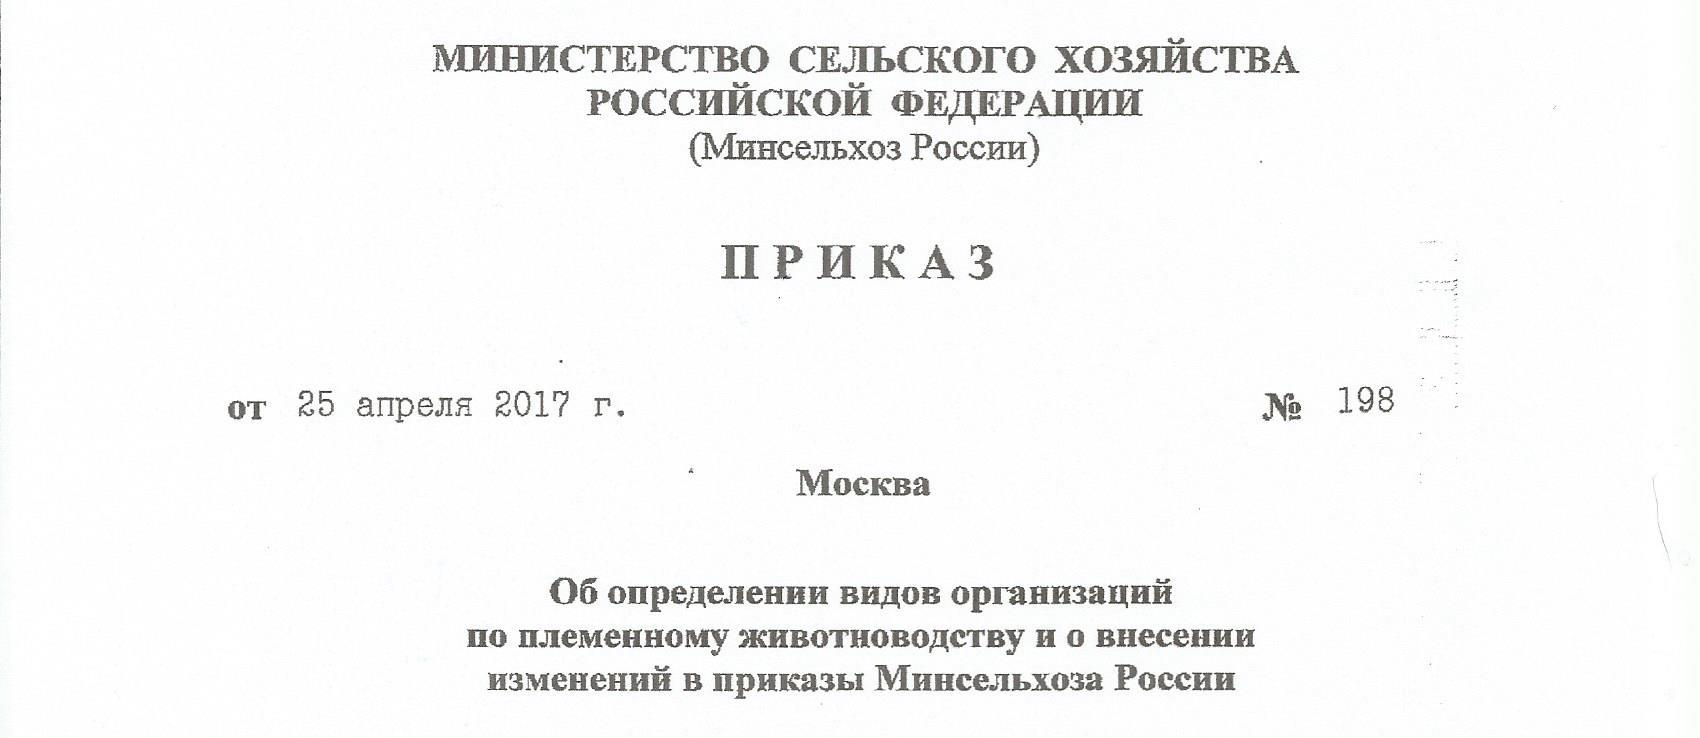 Приказом Минсельхоза России определены виды организаций по племенному животноводству